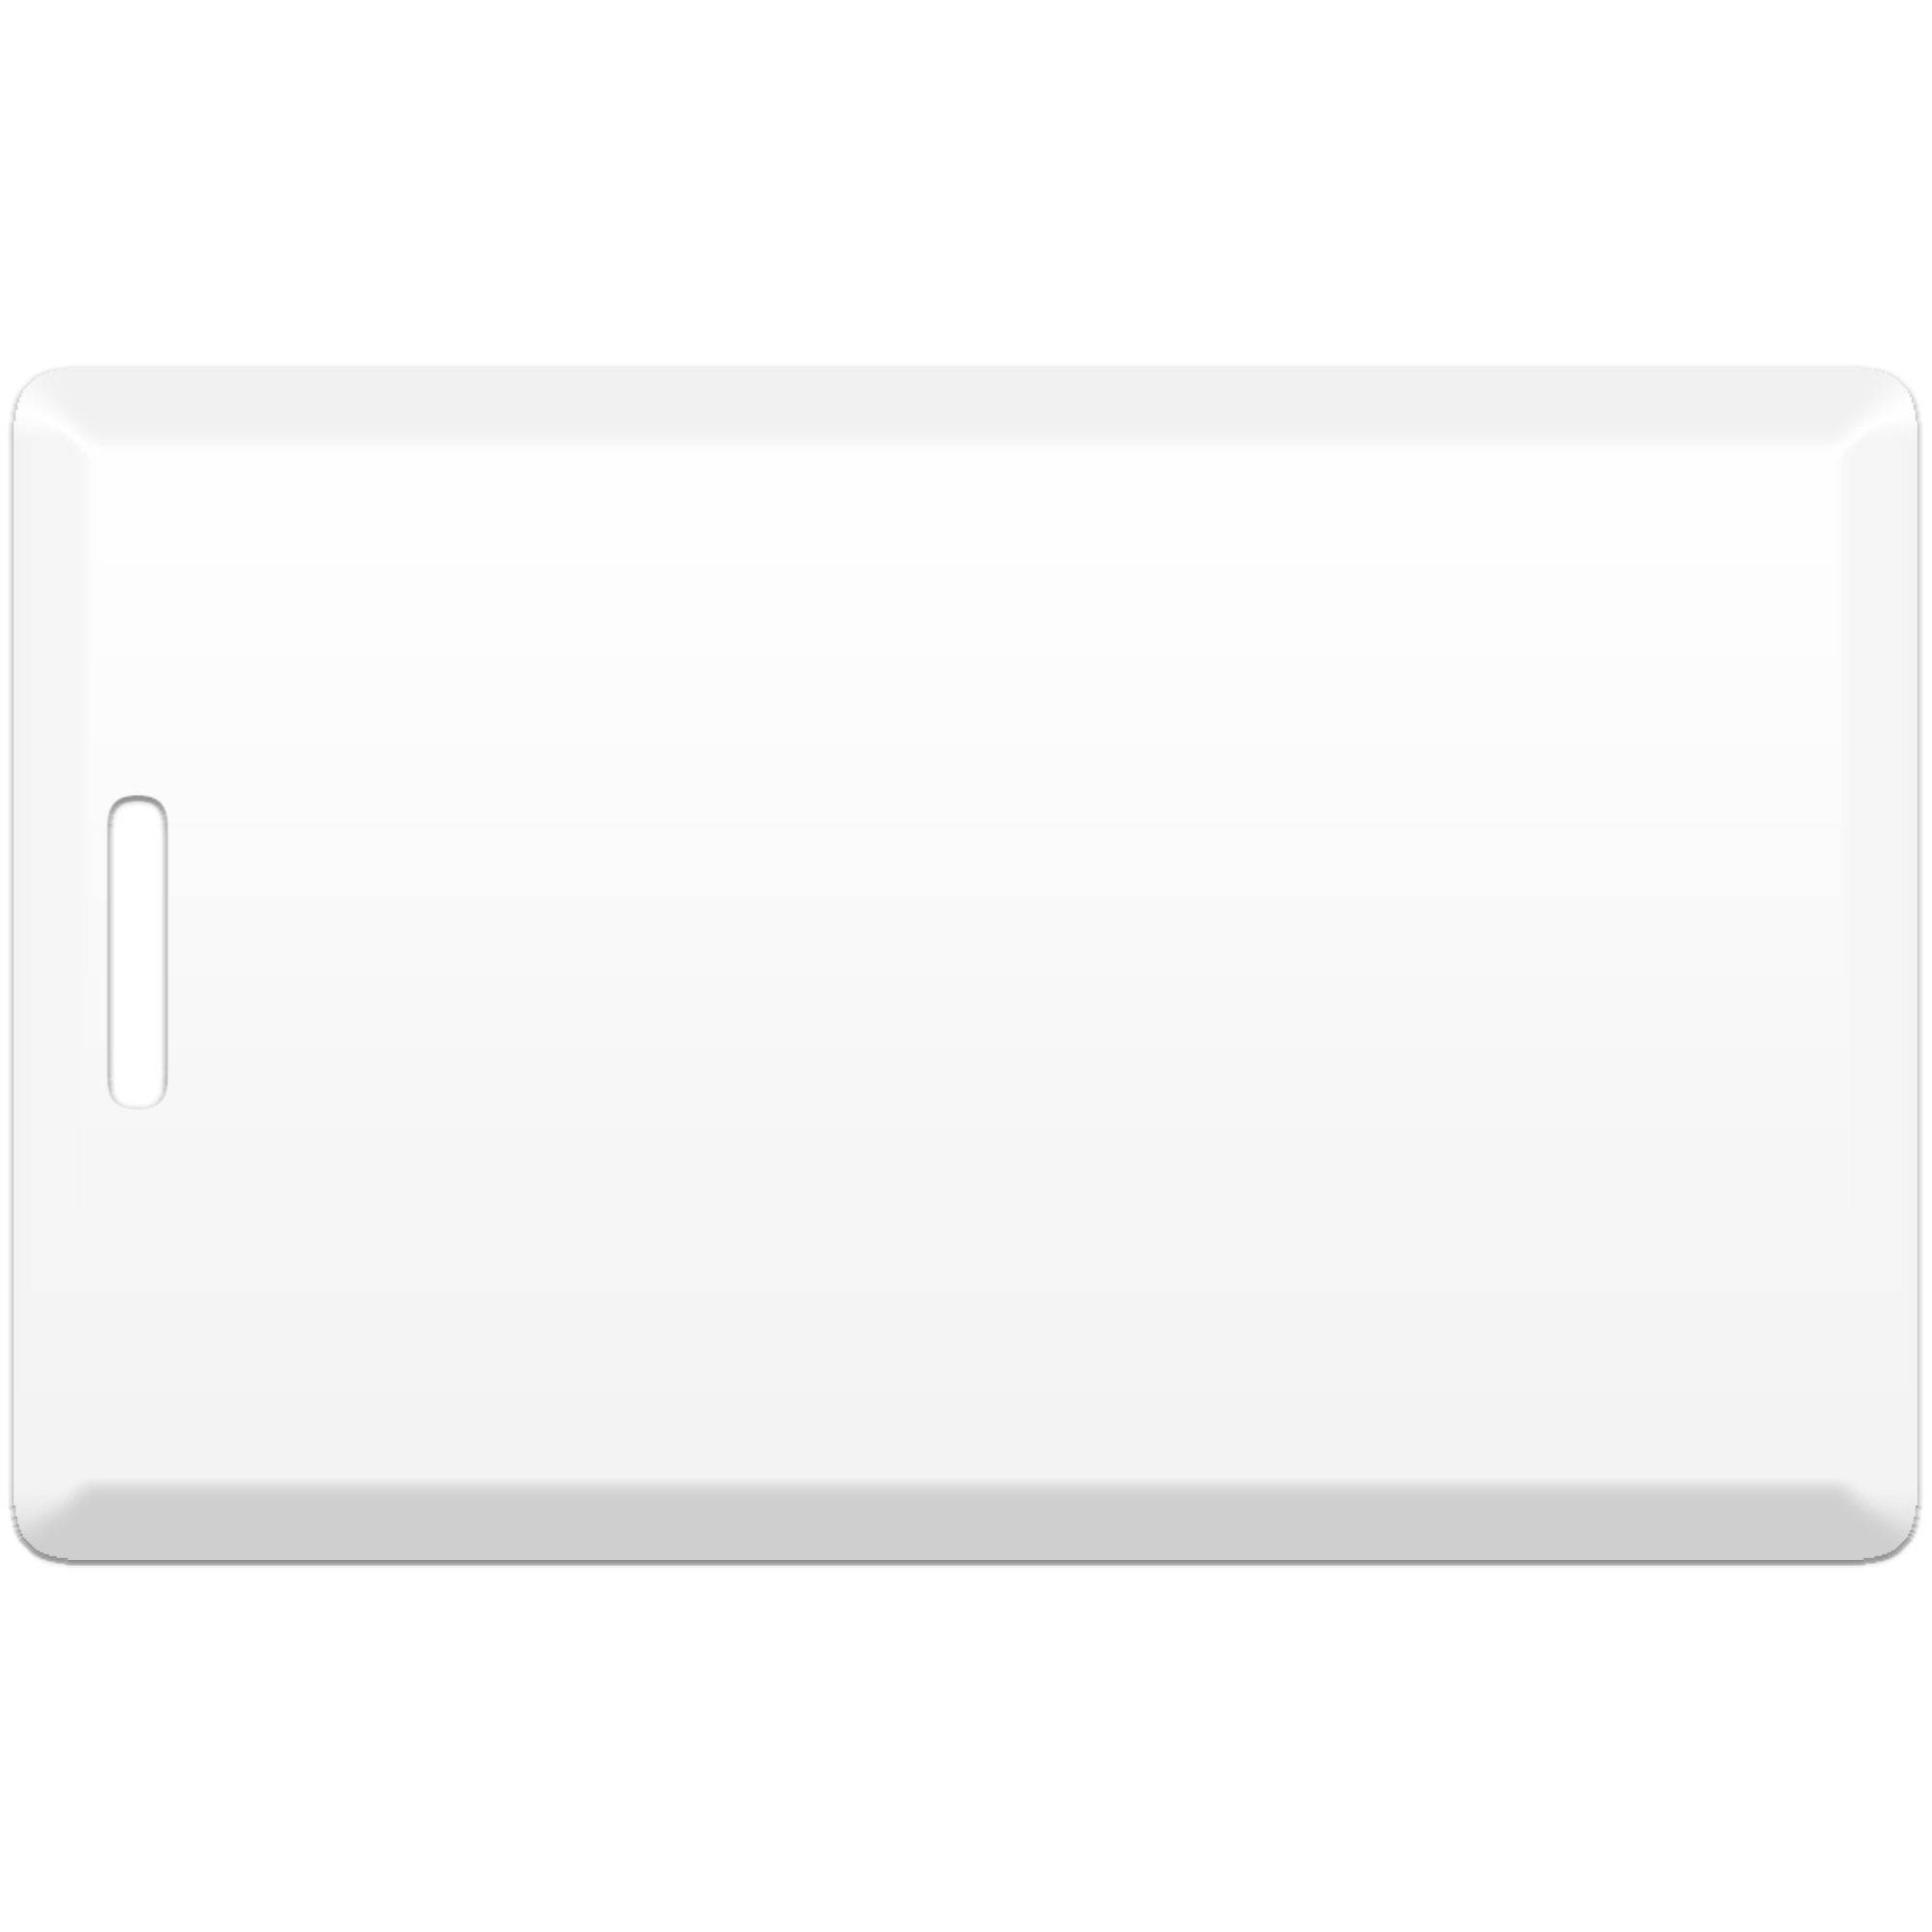 Бесконтактная пластиковая карта с чипом Atmel (Temic) T5557, T5577 Clamshell (толстая), перезаписываемая RFID-карта с прорезью